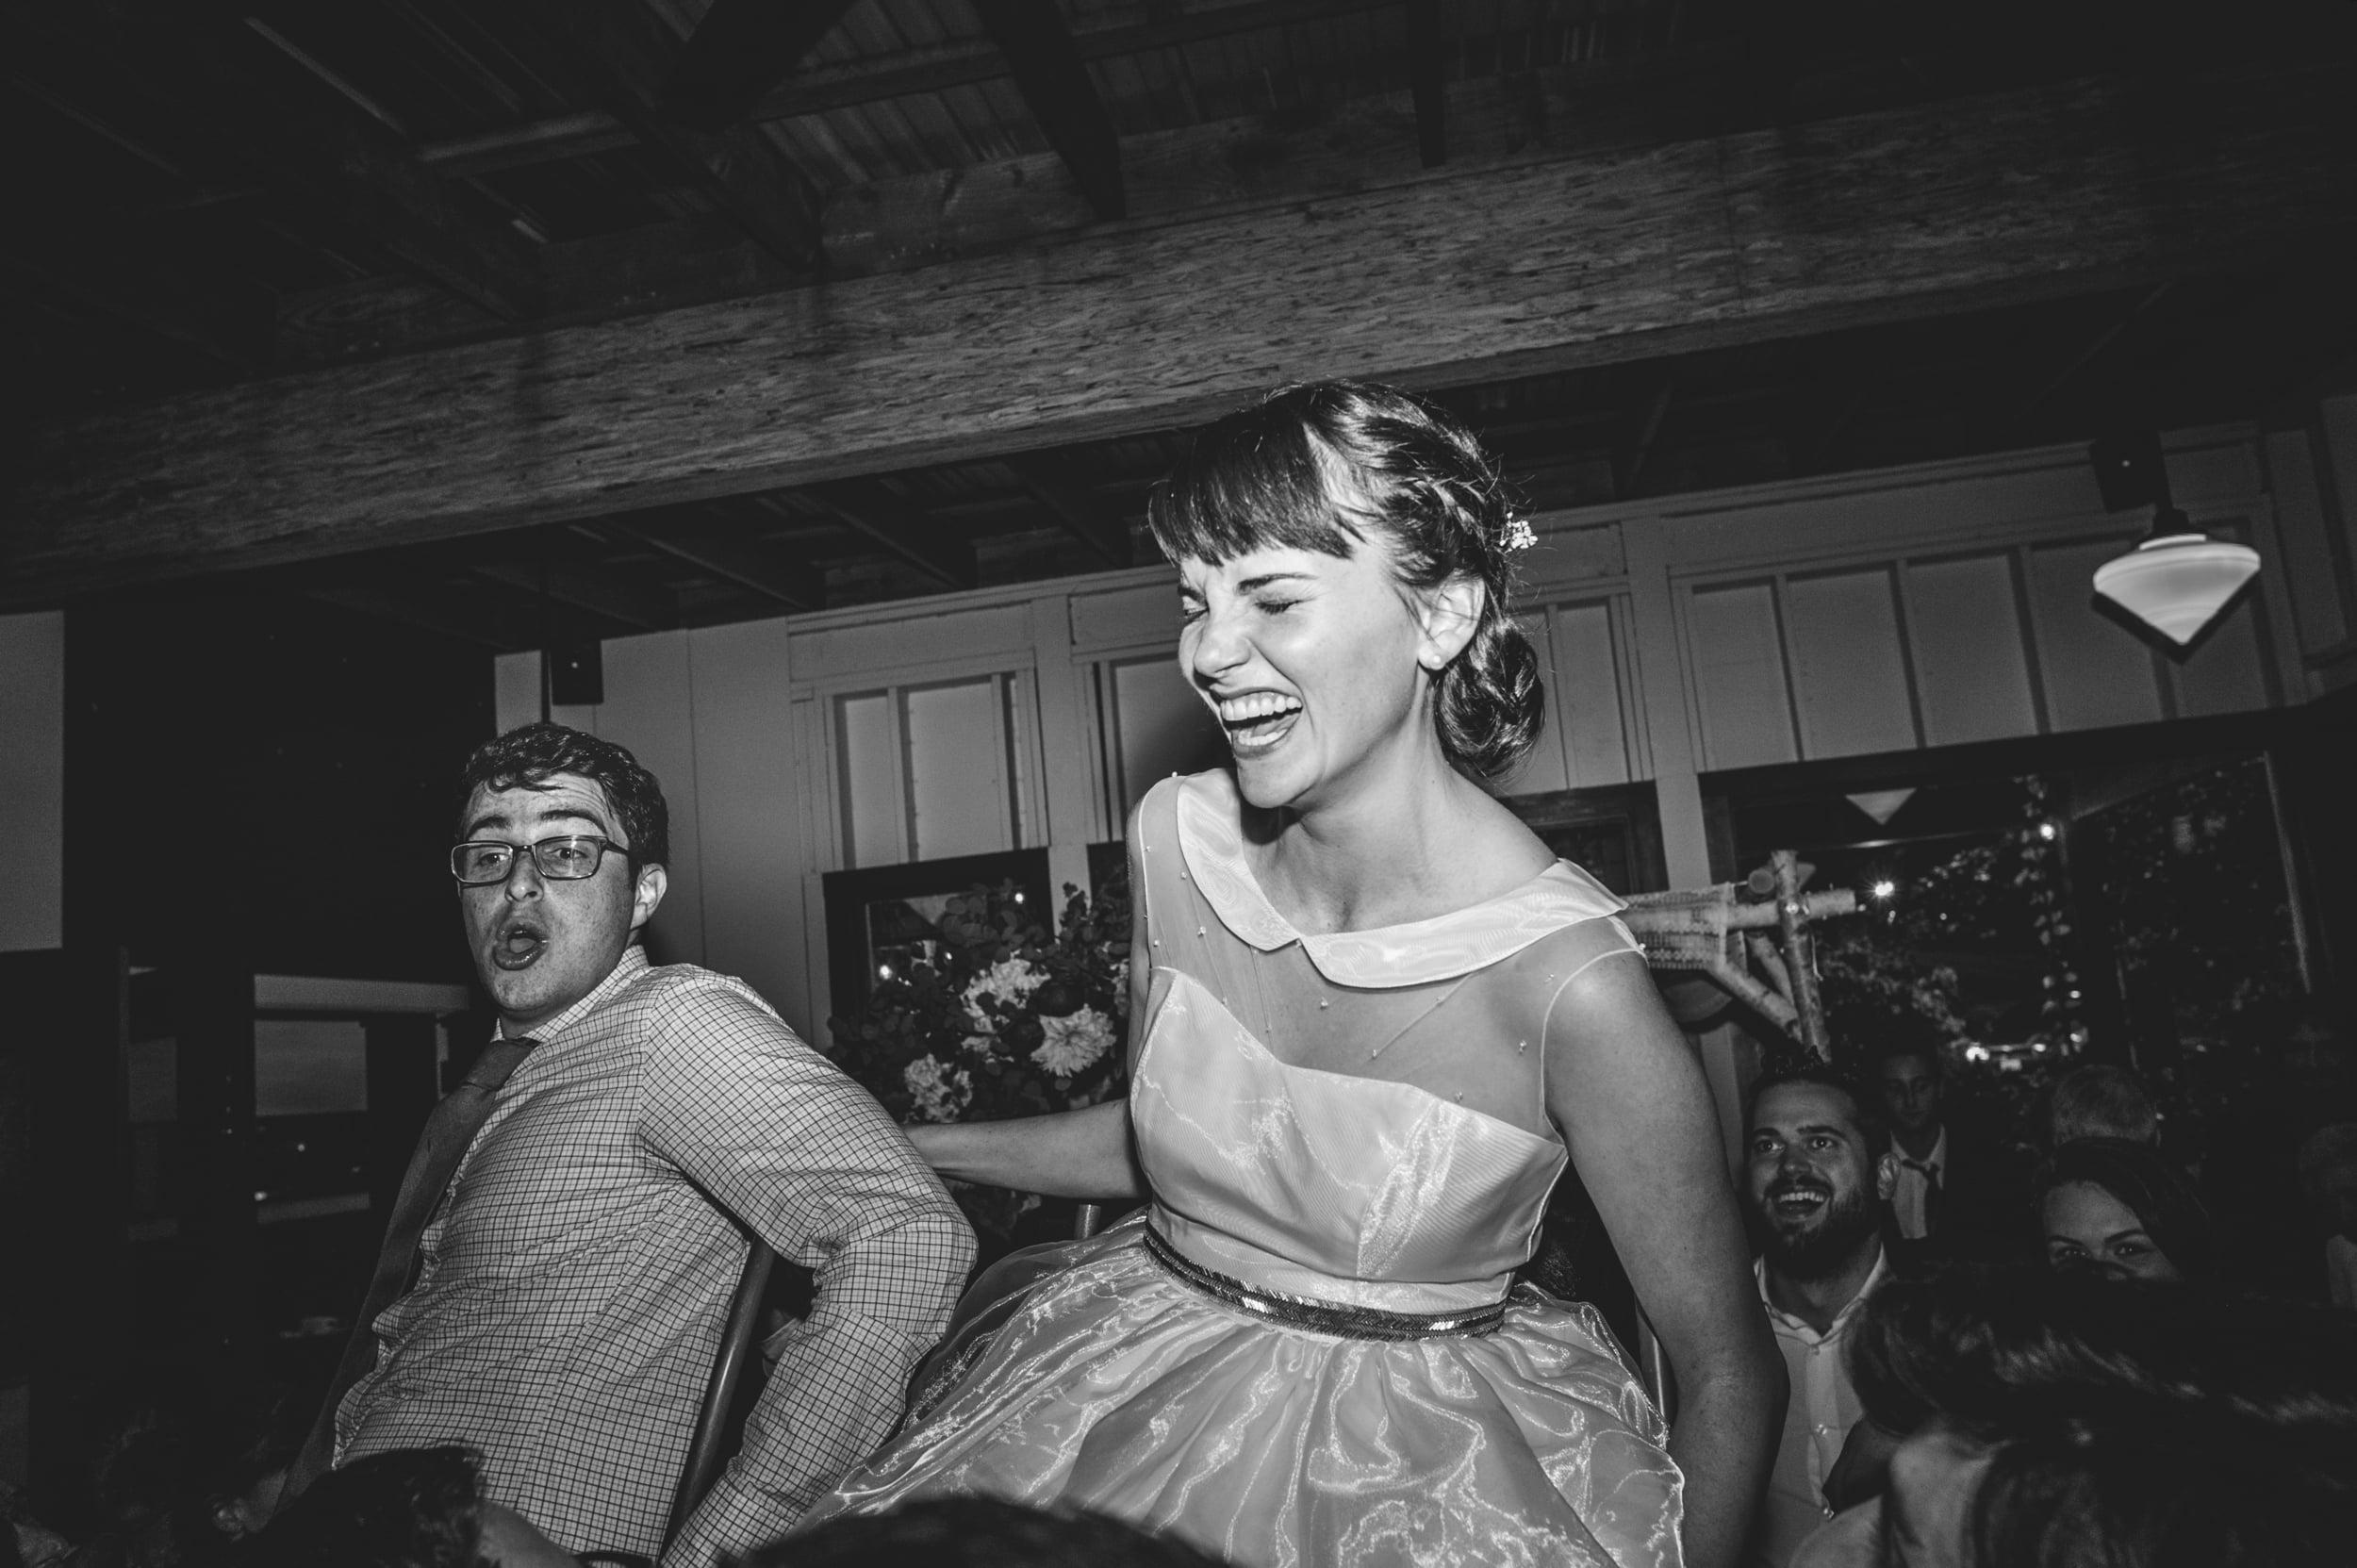 Dancing013.jpg